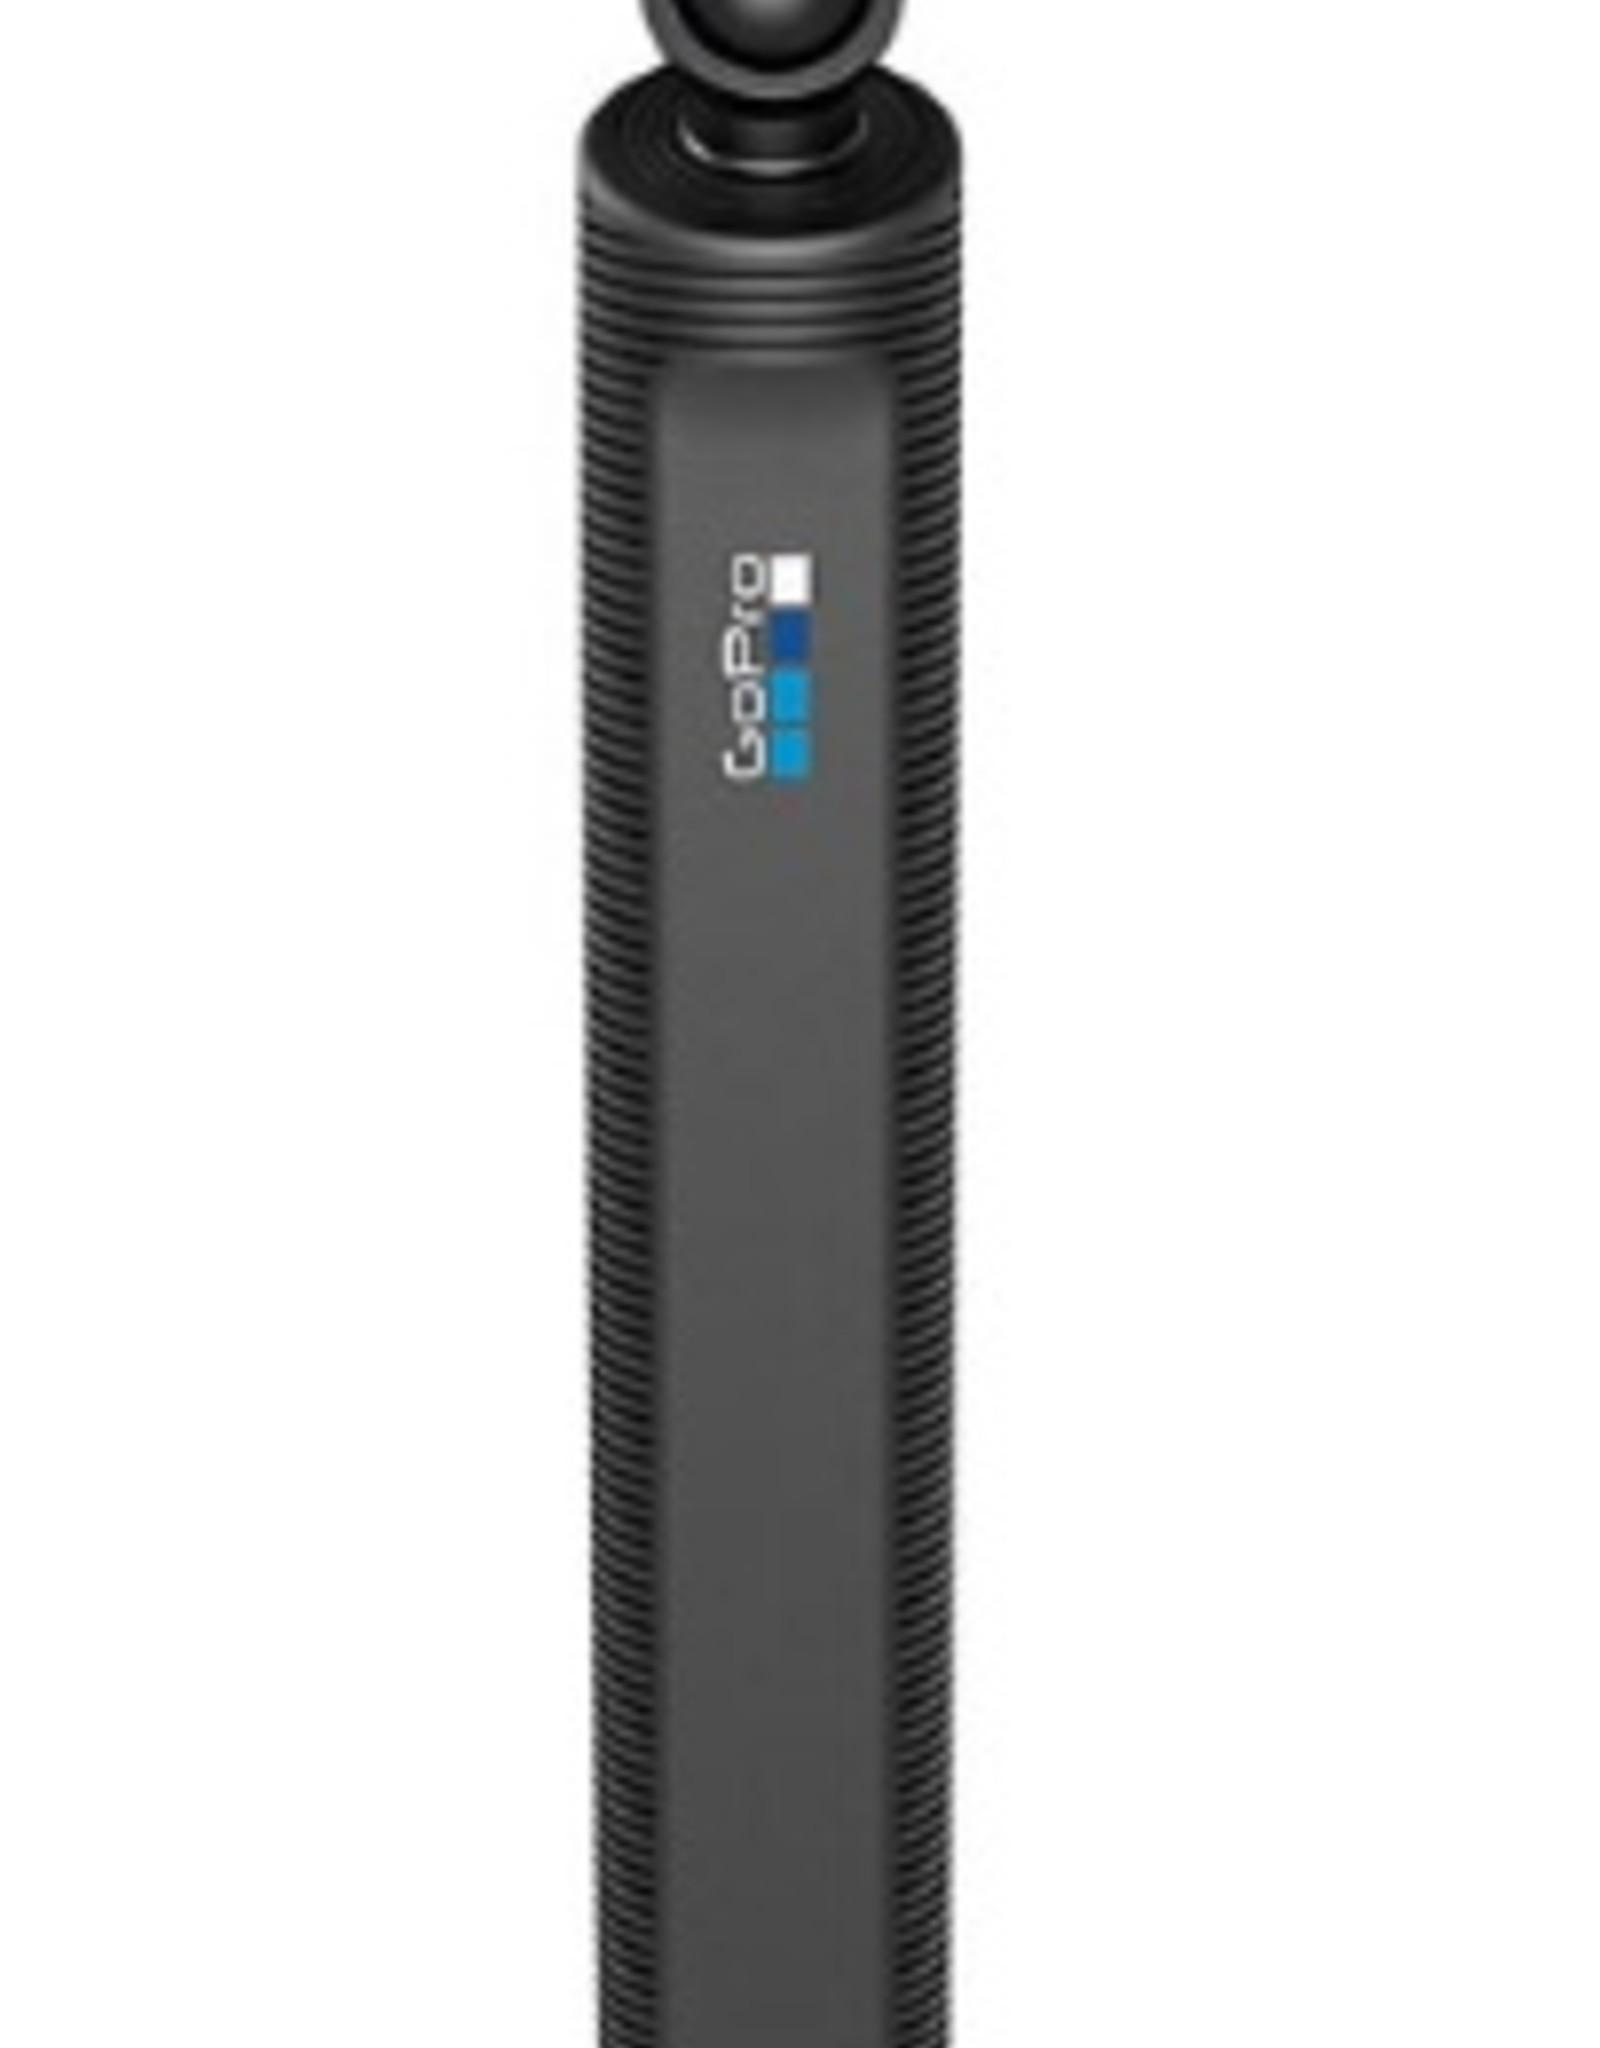 GoPro GoPro | El Grande Extension Pole - 38-inch | GP-AGXTS-001